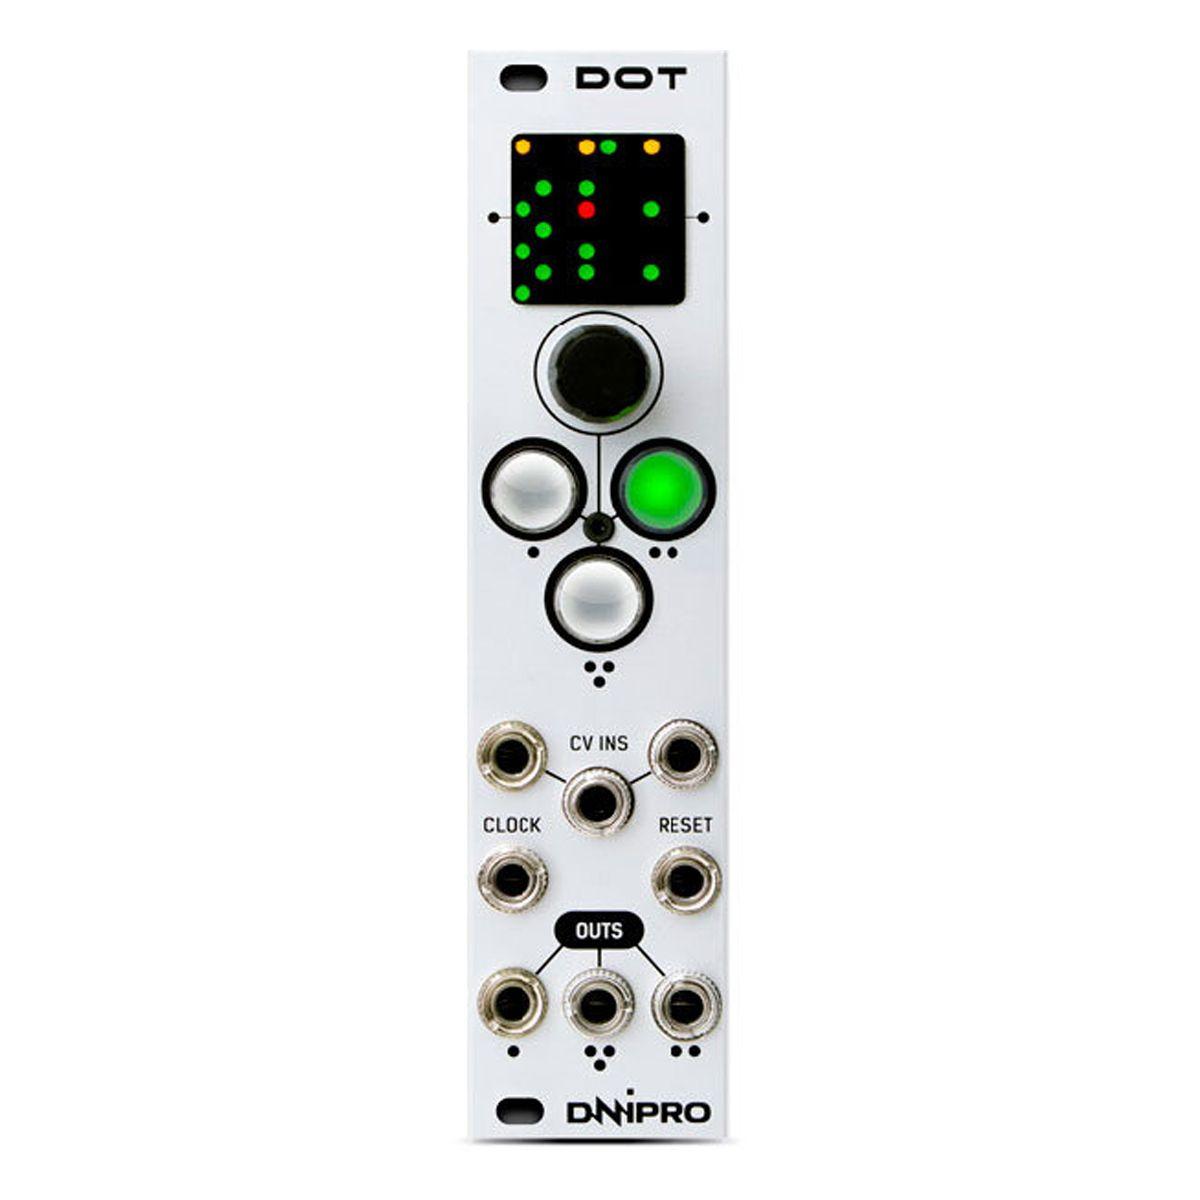 Dnipro Modular DOT Eurorack 3 Channel Pattern Generator Module (Silver)